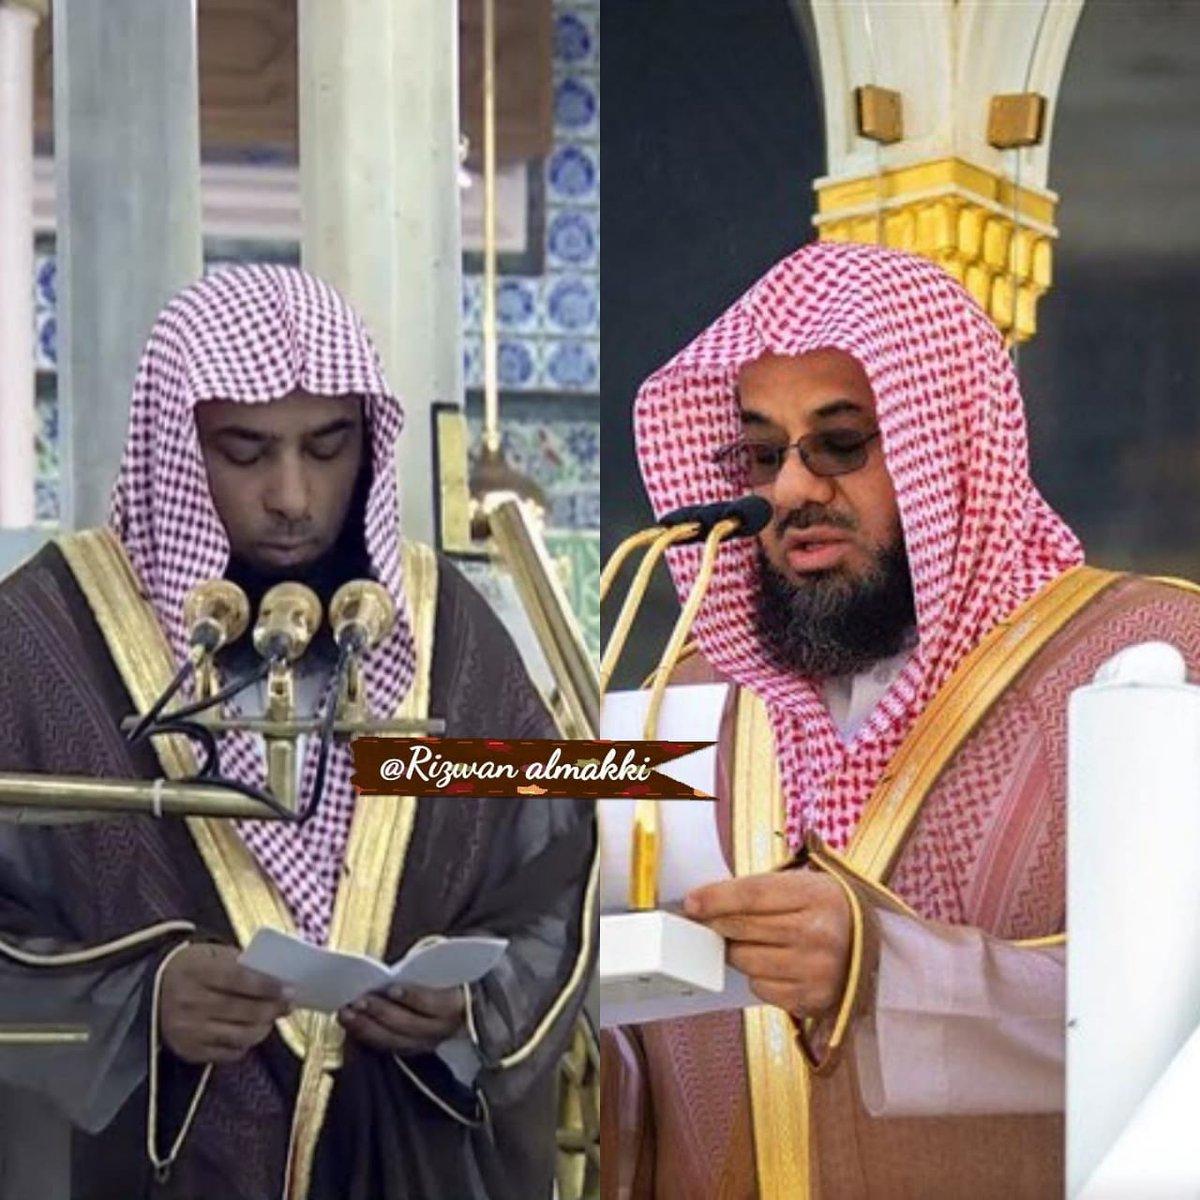 Sheikh Shuraim